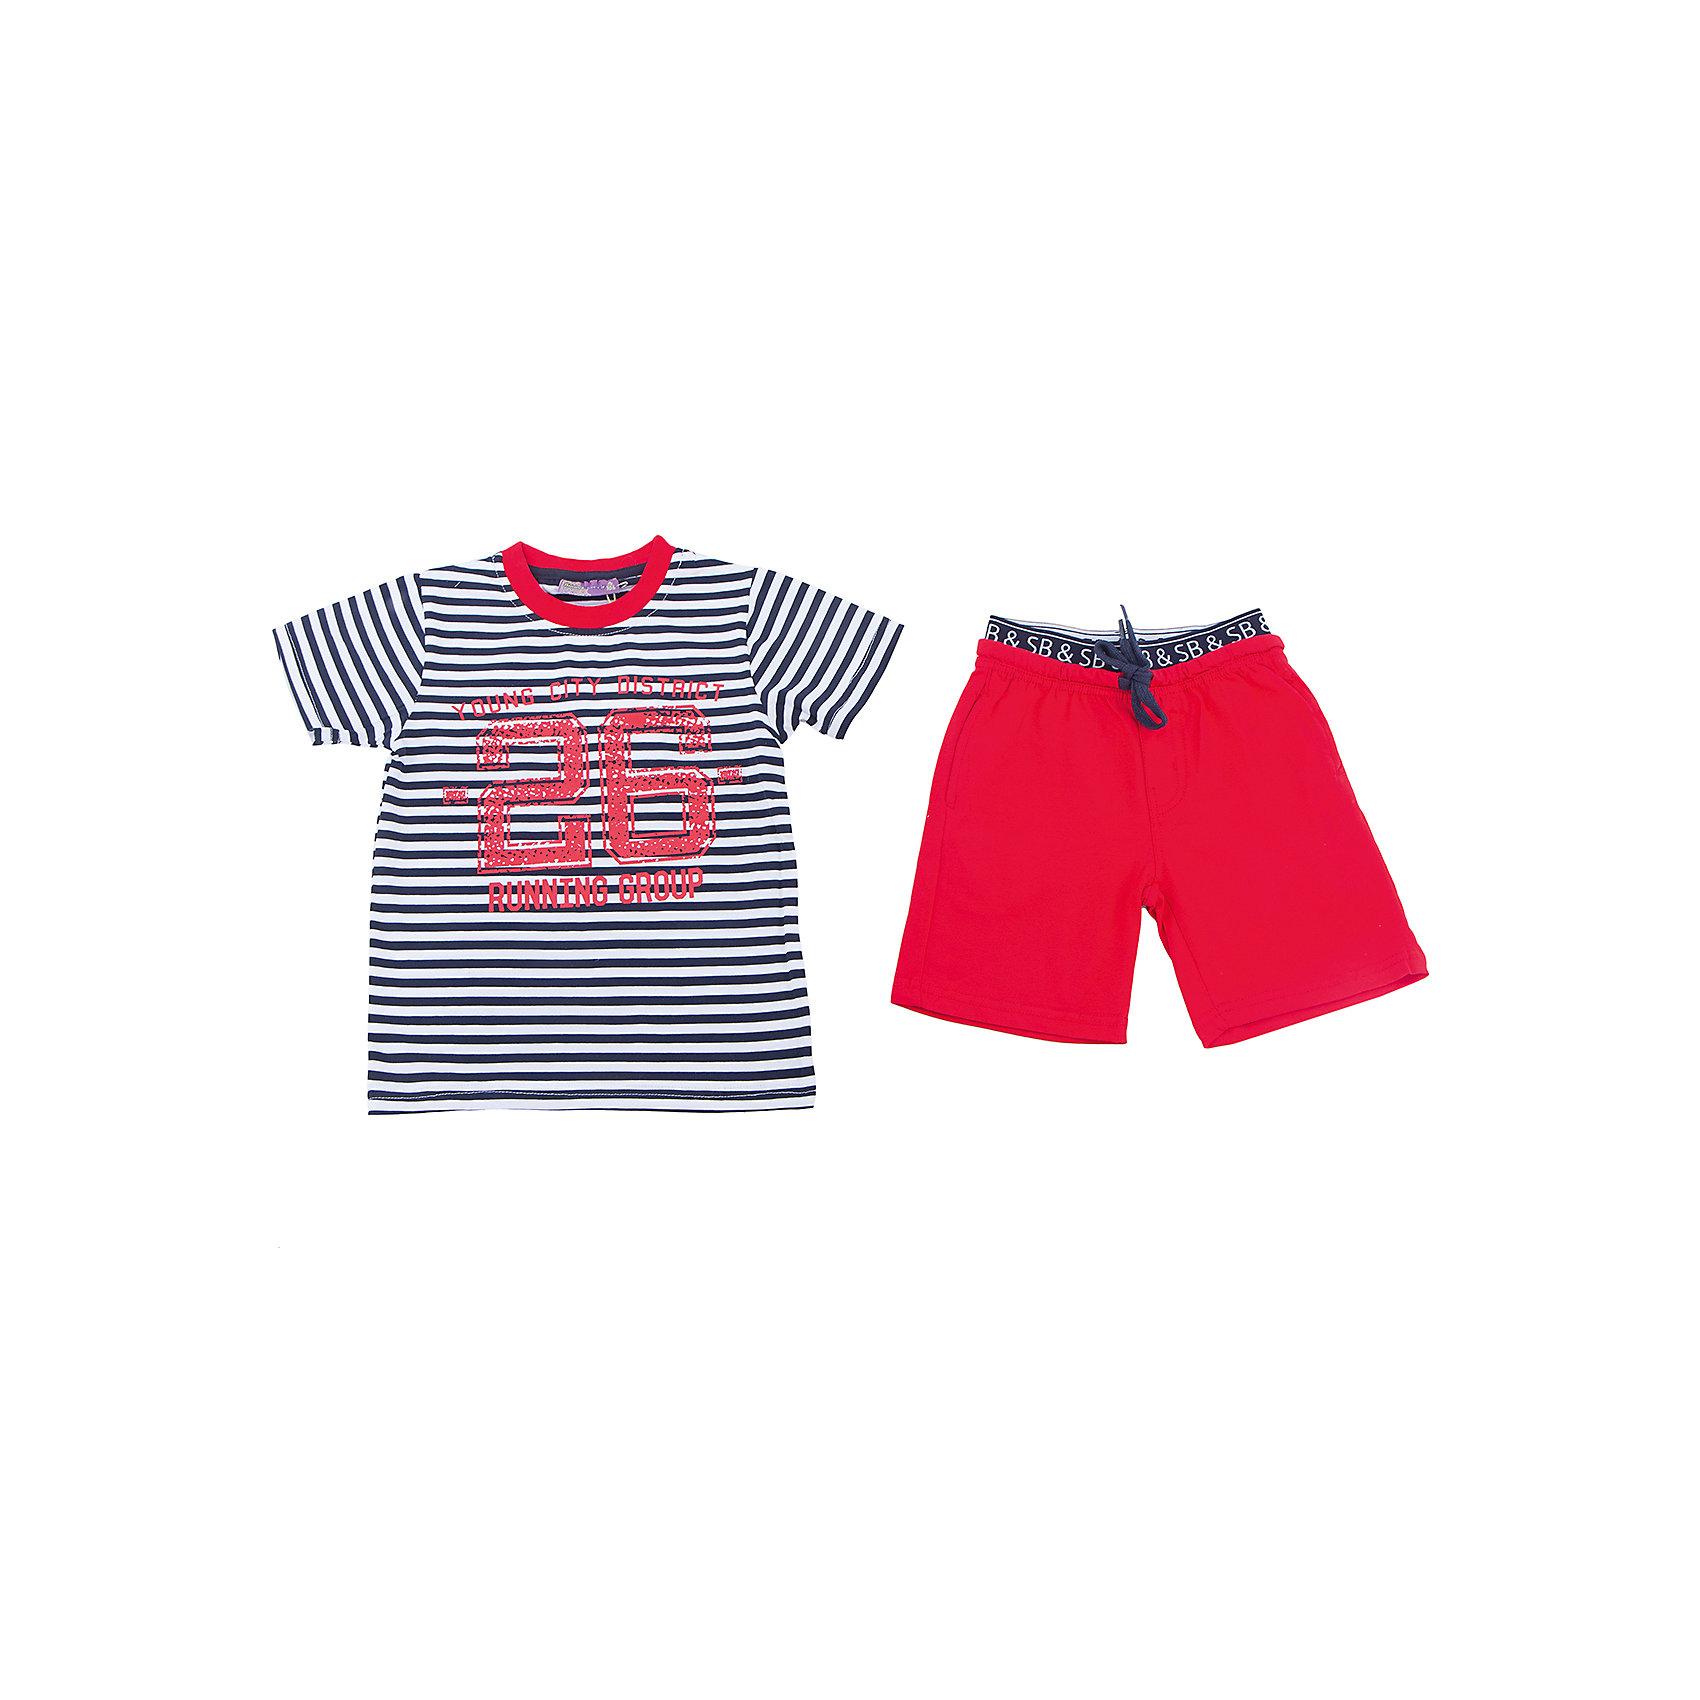 Комплект: футболка и шорты для мальчика Sweet BerryКомплекты<br>Яркий трикотажный комплект для мальчика состоящий из футболки и шорт. Футболка декориорована модной полоской в морском стиле и принтом. Мягкие шорты с удобными карманами. Пояс-резинка дополнен шнуром для регулирования объема.<br>Состав:<br>95%хлопок 5%эластан<br><br>Ширина мм: 191<br>Глубина мм: 10<br>Высота мм: 175<br>Вес г: 273<br>Цвет: красный<br>Возраст от месяцев: 36<br>Возраст до месяцев: 48<br>Пол: Мужской<br>Возраст: Детский<br>Размер: 98,110,116,122,128,104<br>SKU: 5410567